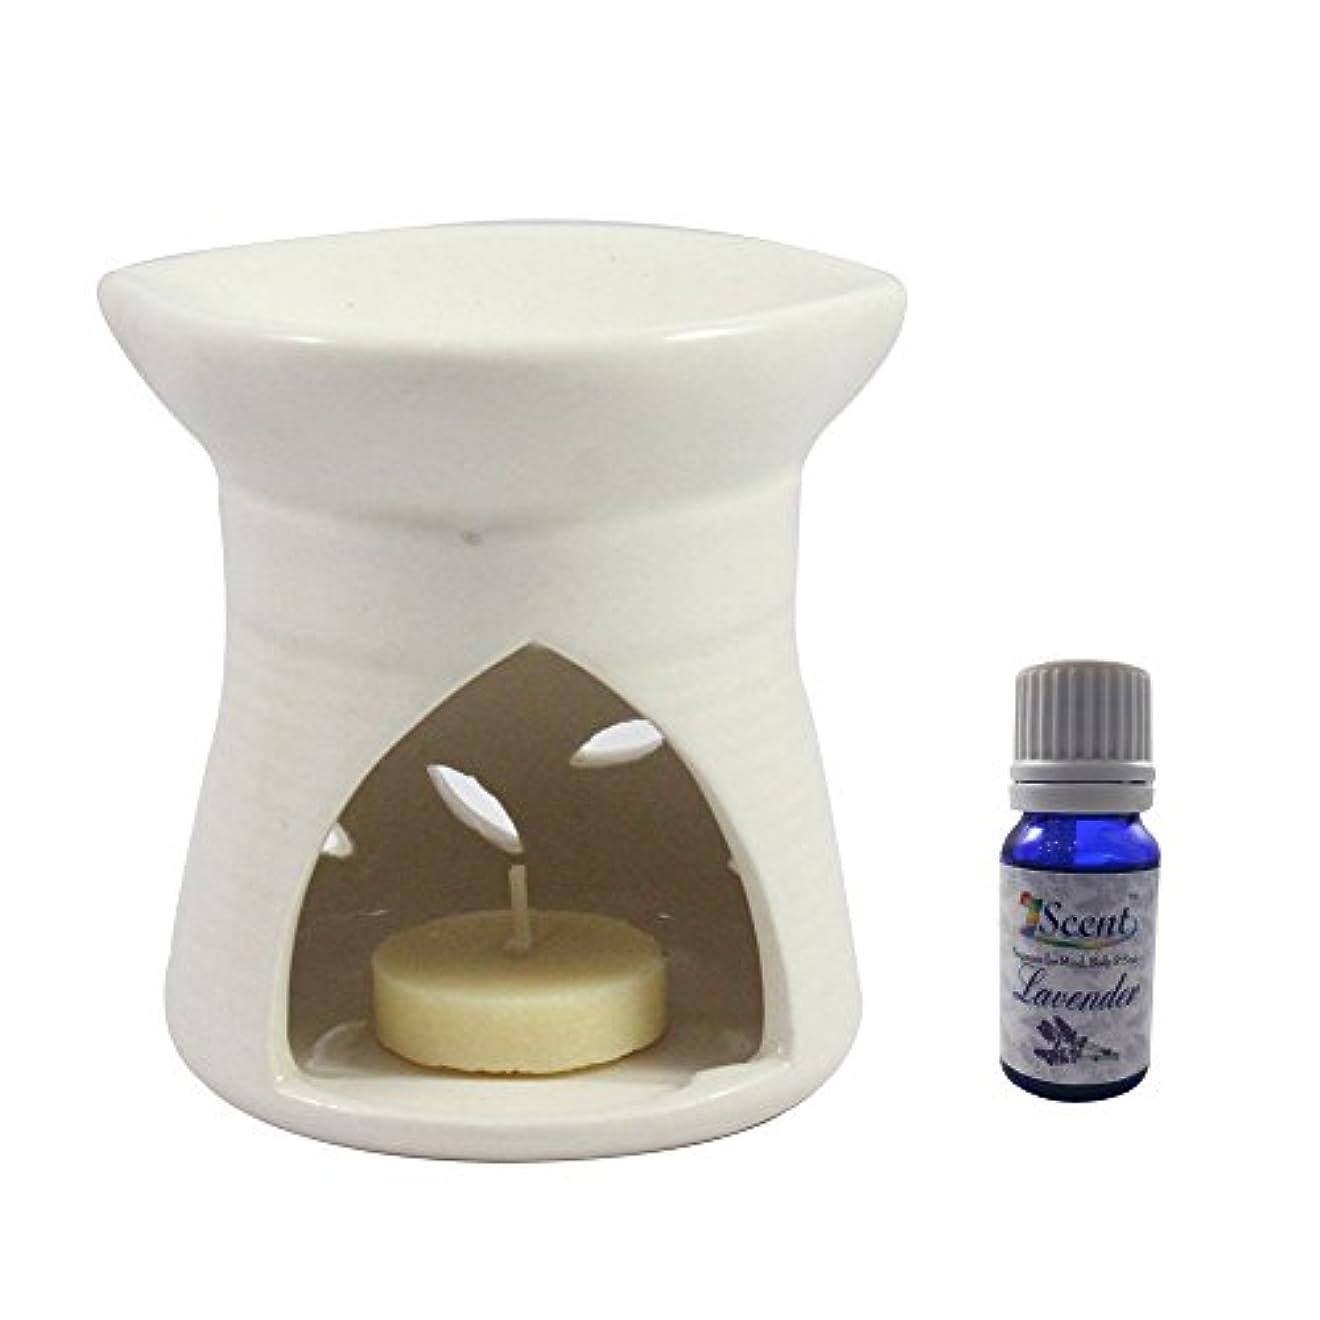 フルーツ療法療法家の装飾定期的に使用する汚染フリーハンドメイドセラミックエスニックティーライトキャンドルアロマディフューザーオイルバーナーロータスフレグランスオイル|ホワイトカラーティーライトキャンドルアロマテラピー香オイルウォーマー数量1